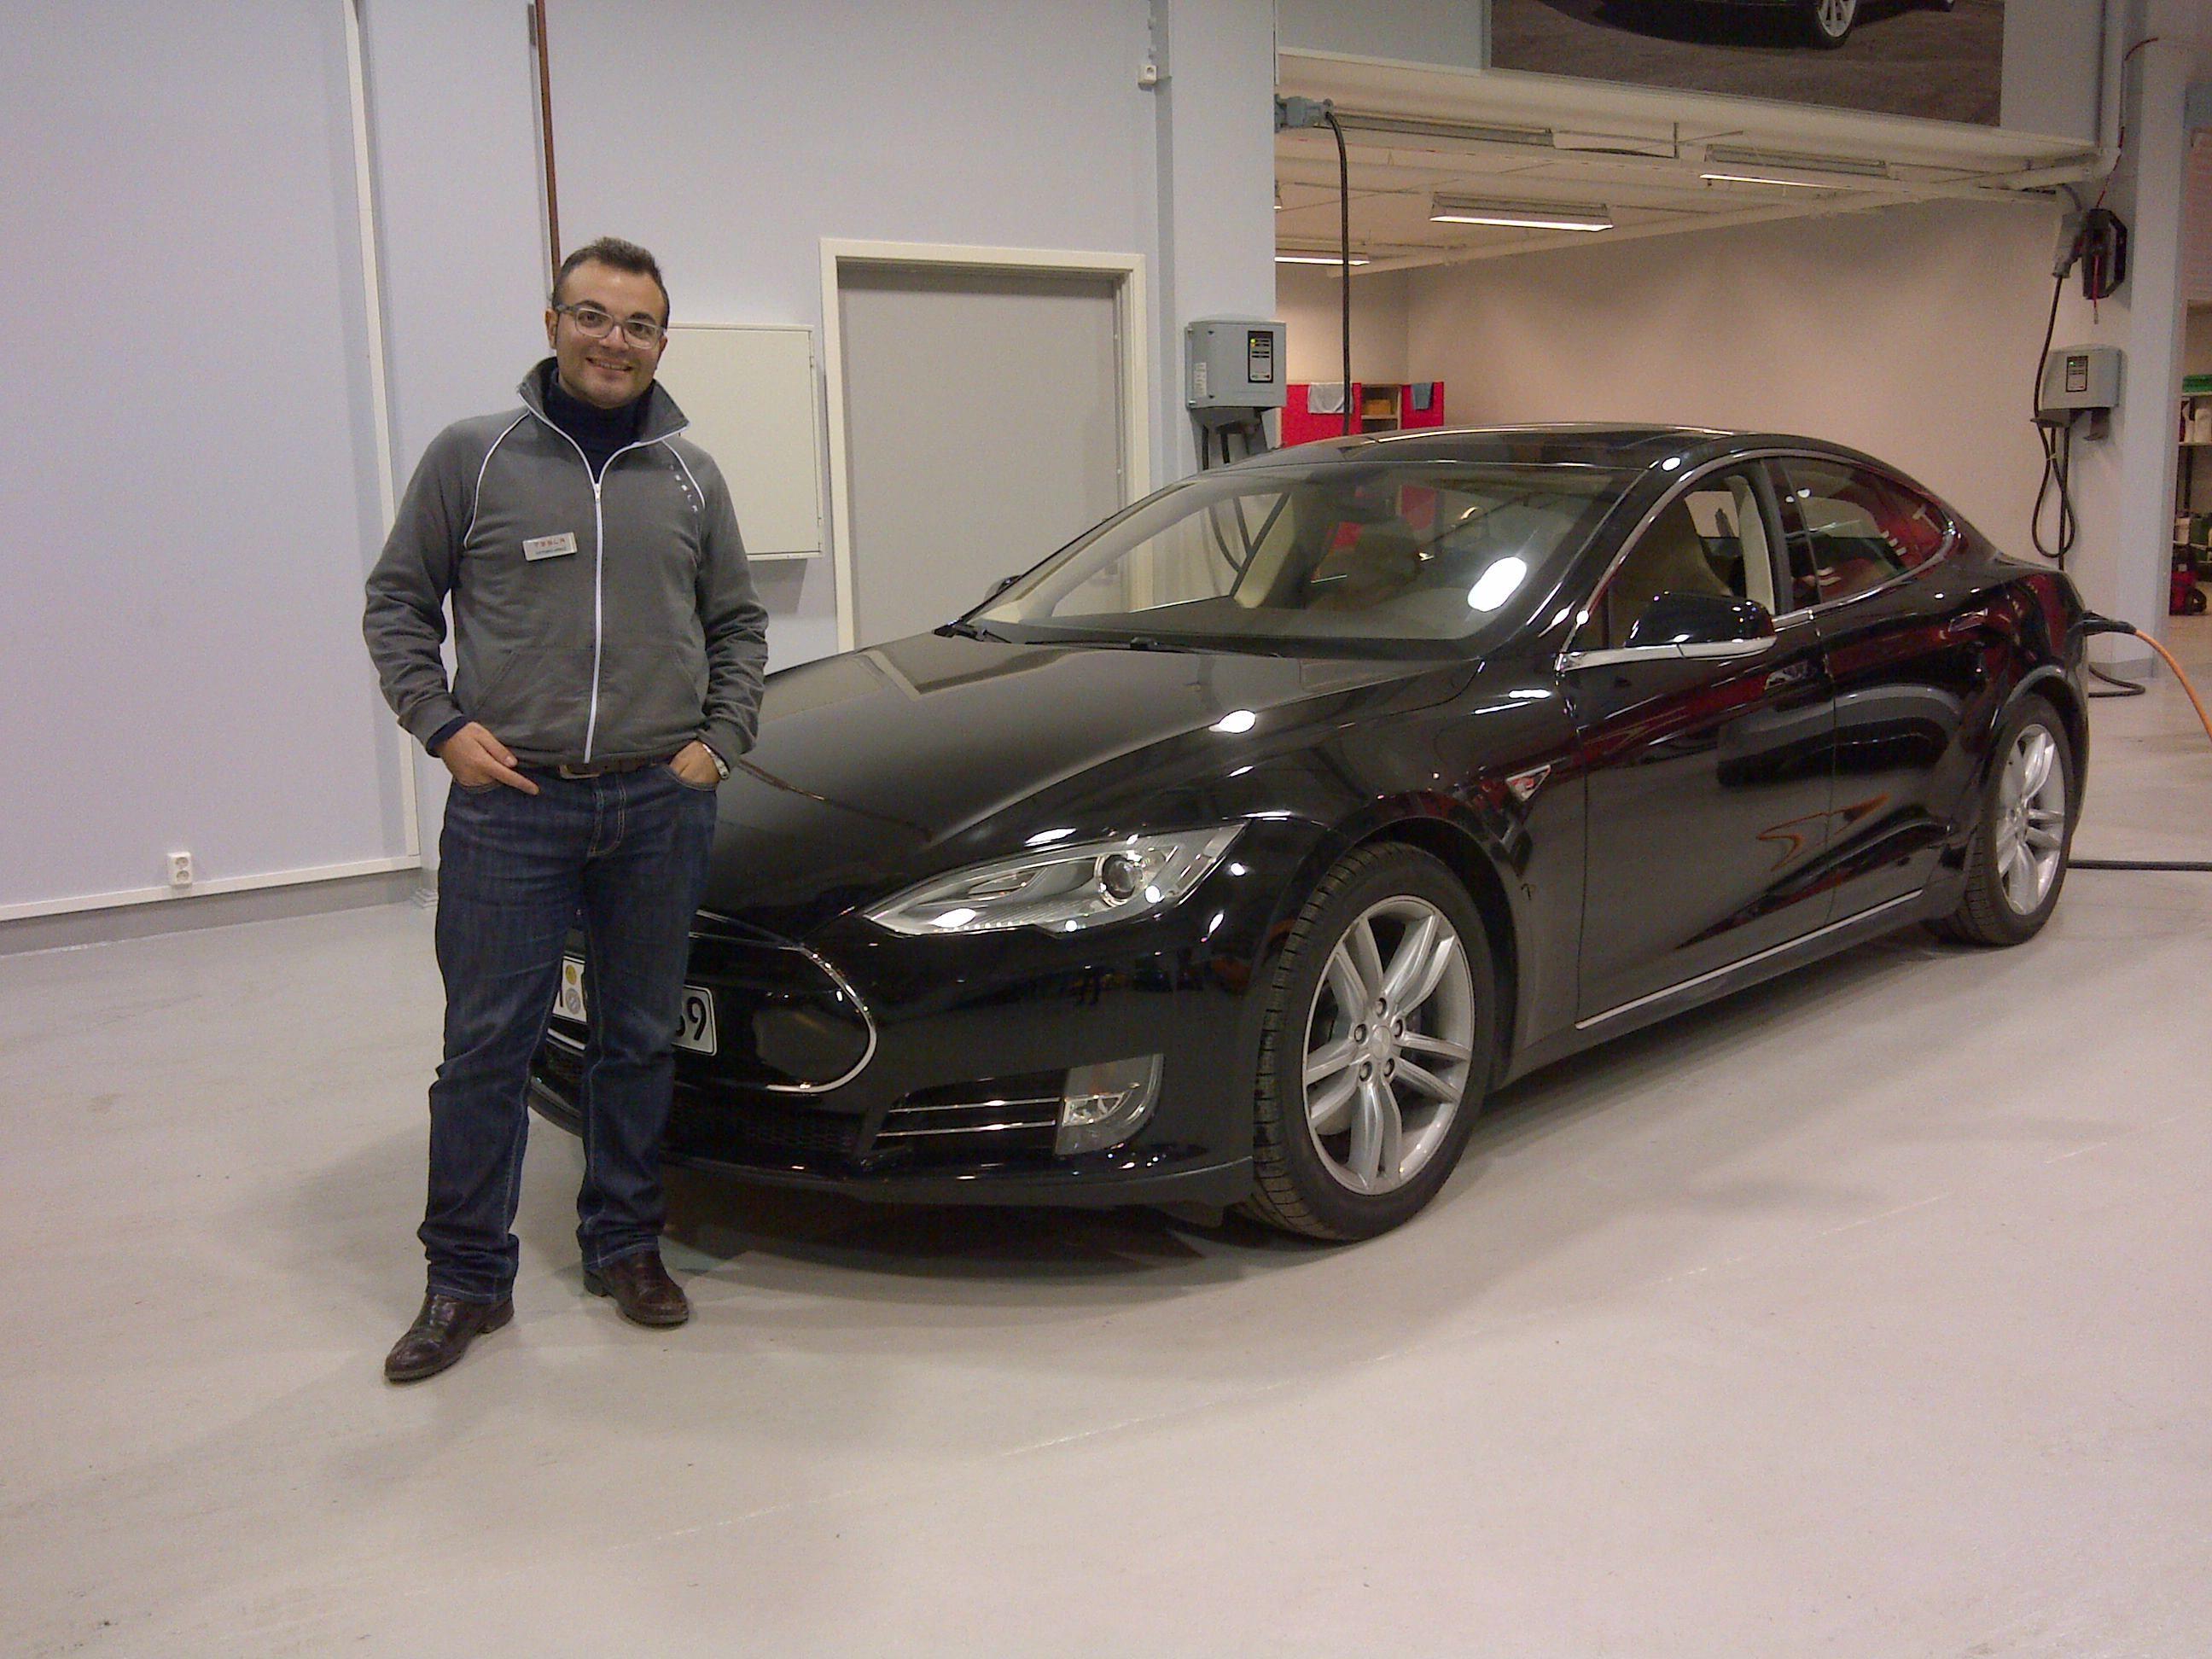 Vittorio-Vesce-Tesla-Motors